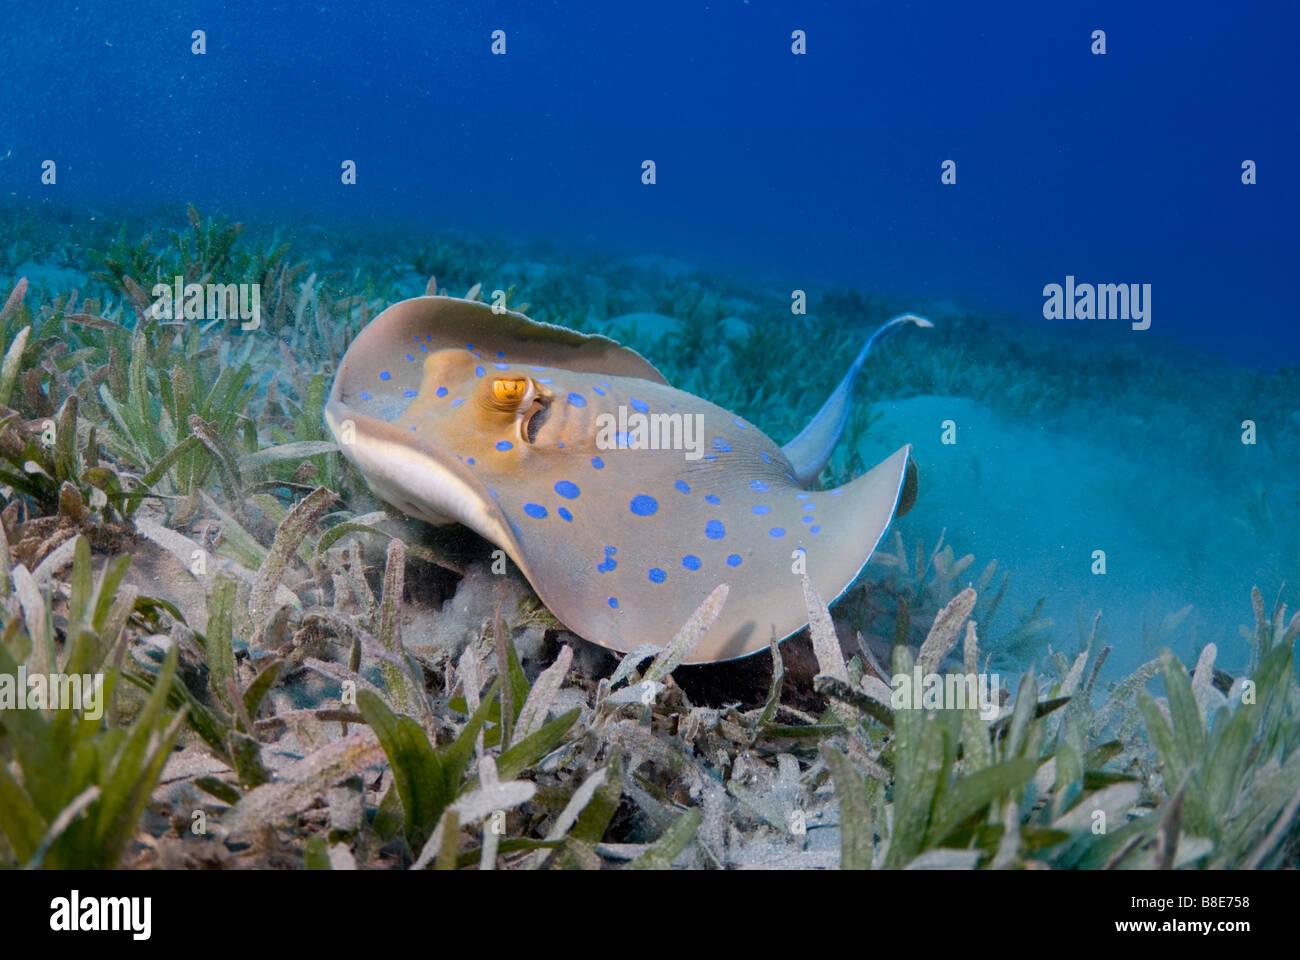 Blue-spotted sting ray en la hierba de mar abajo en el Mar Rojo. Imagen De Stock